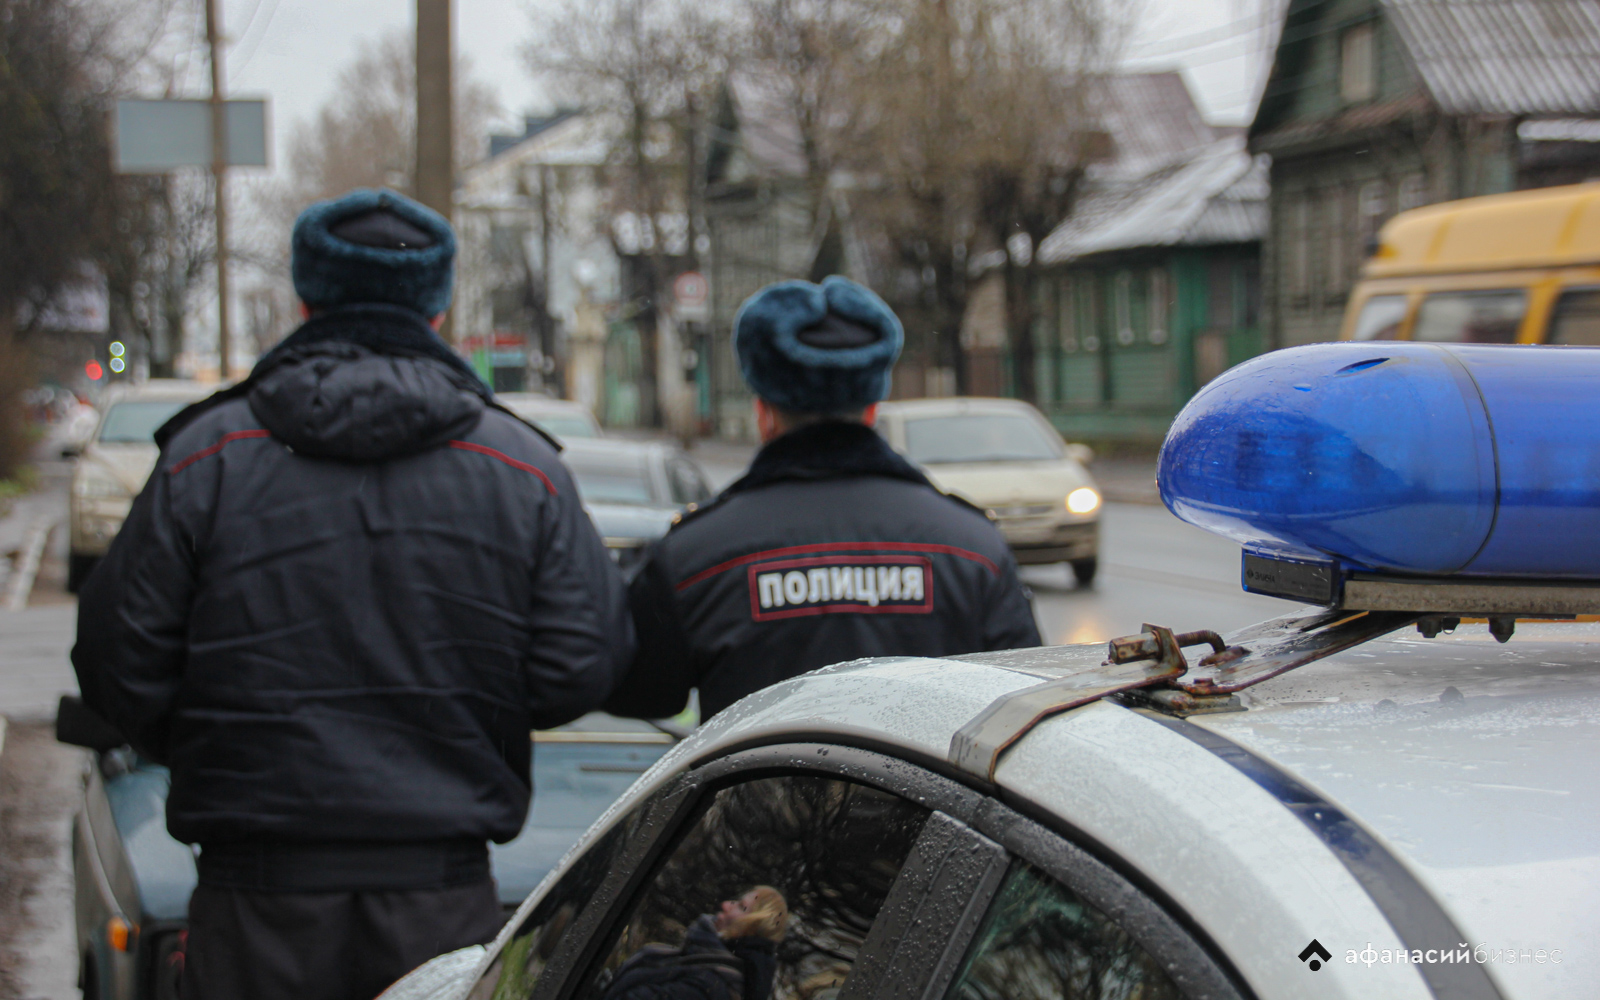 Путин сообщил о предстоящем увеличении зарплат сотрудникам правоохранительных органов - новости Афанасий